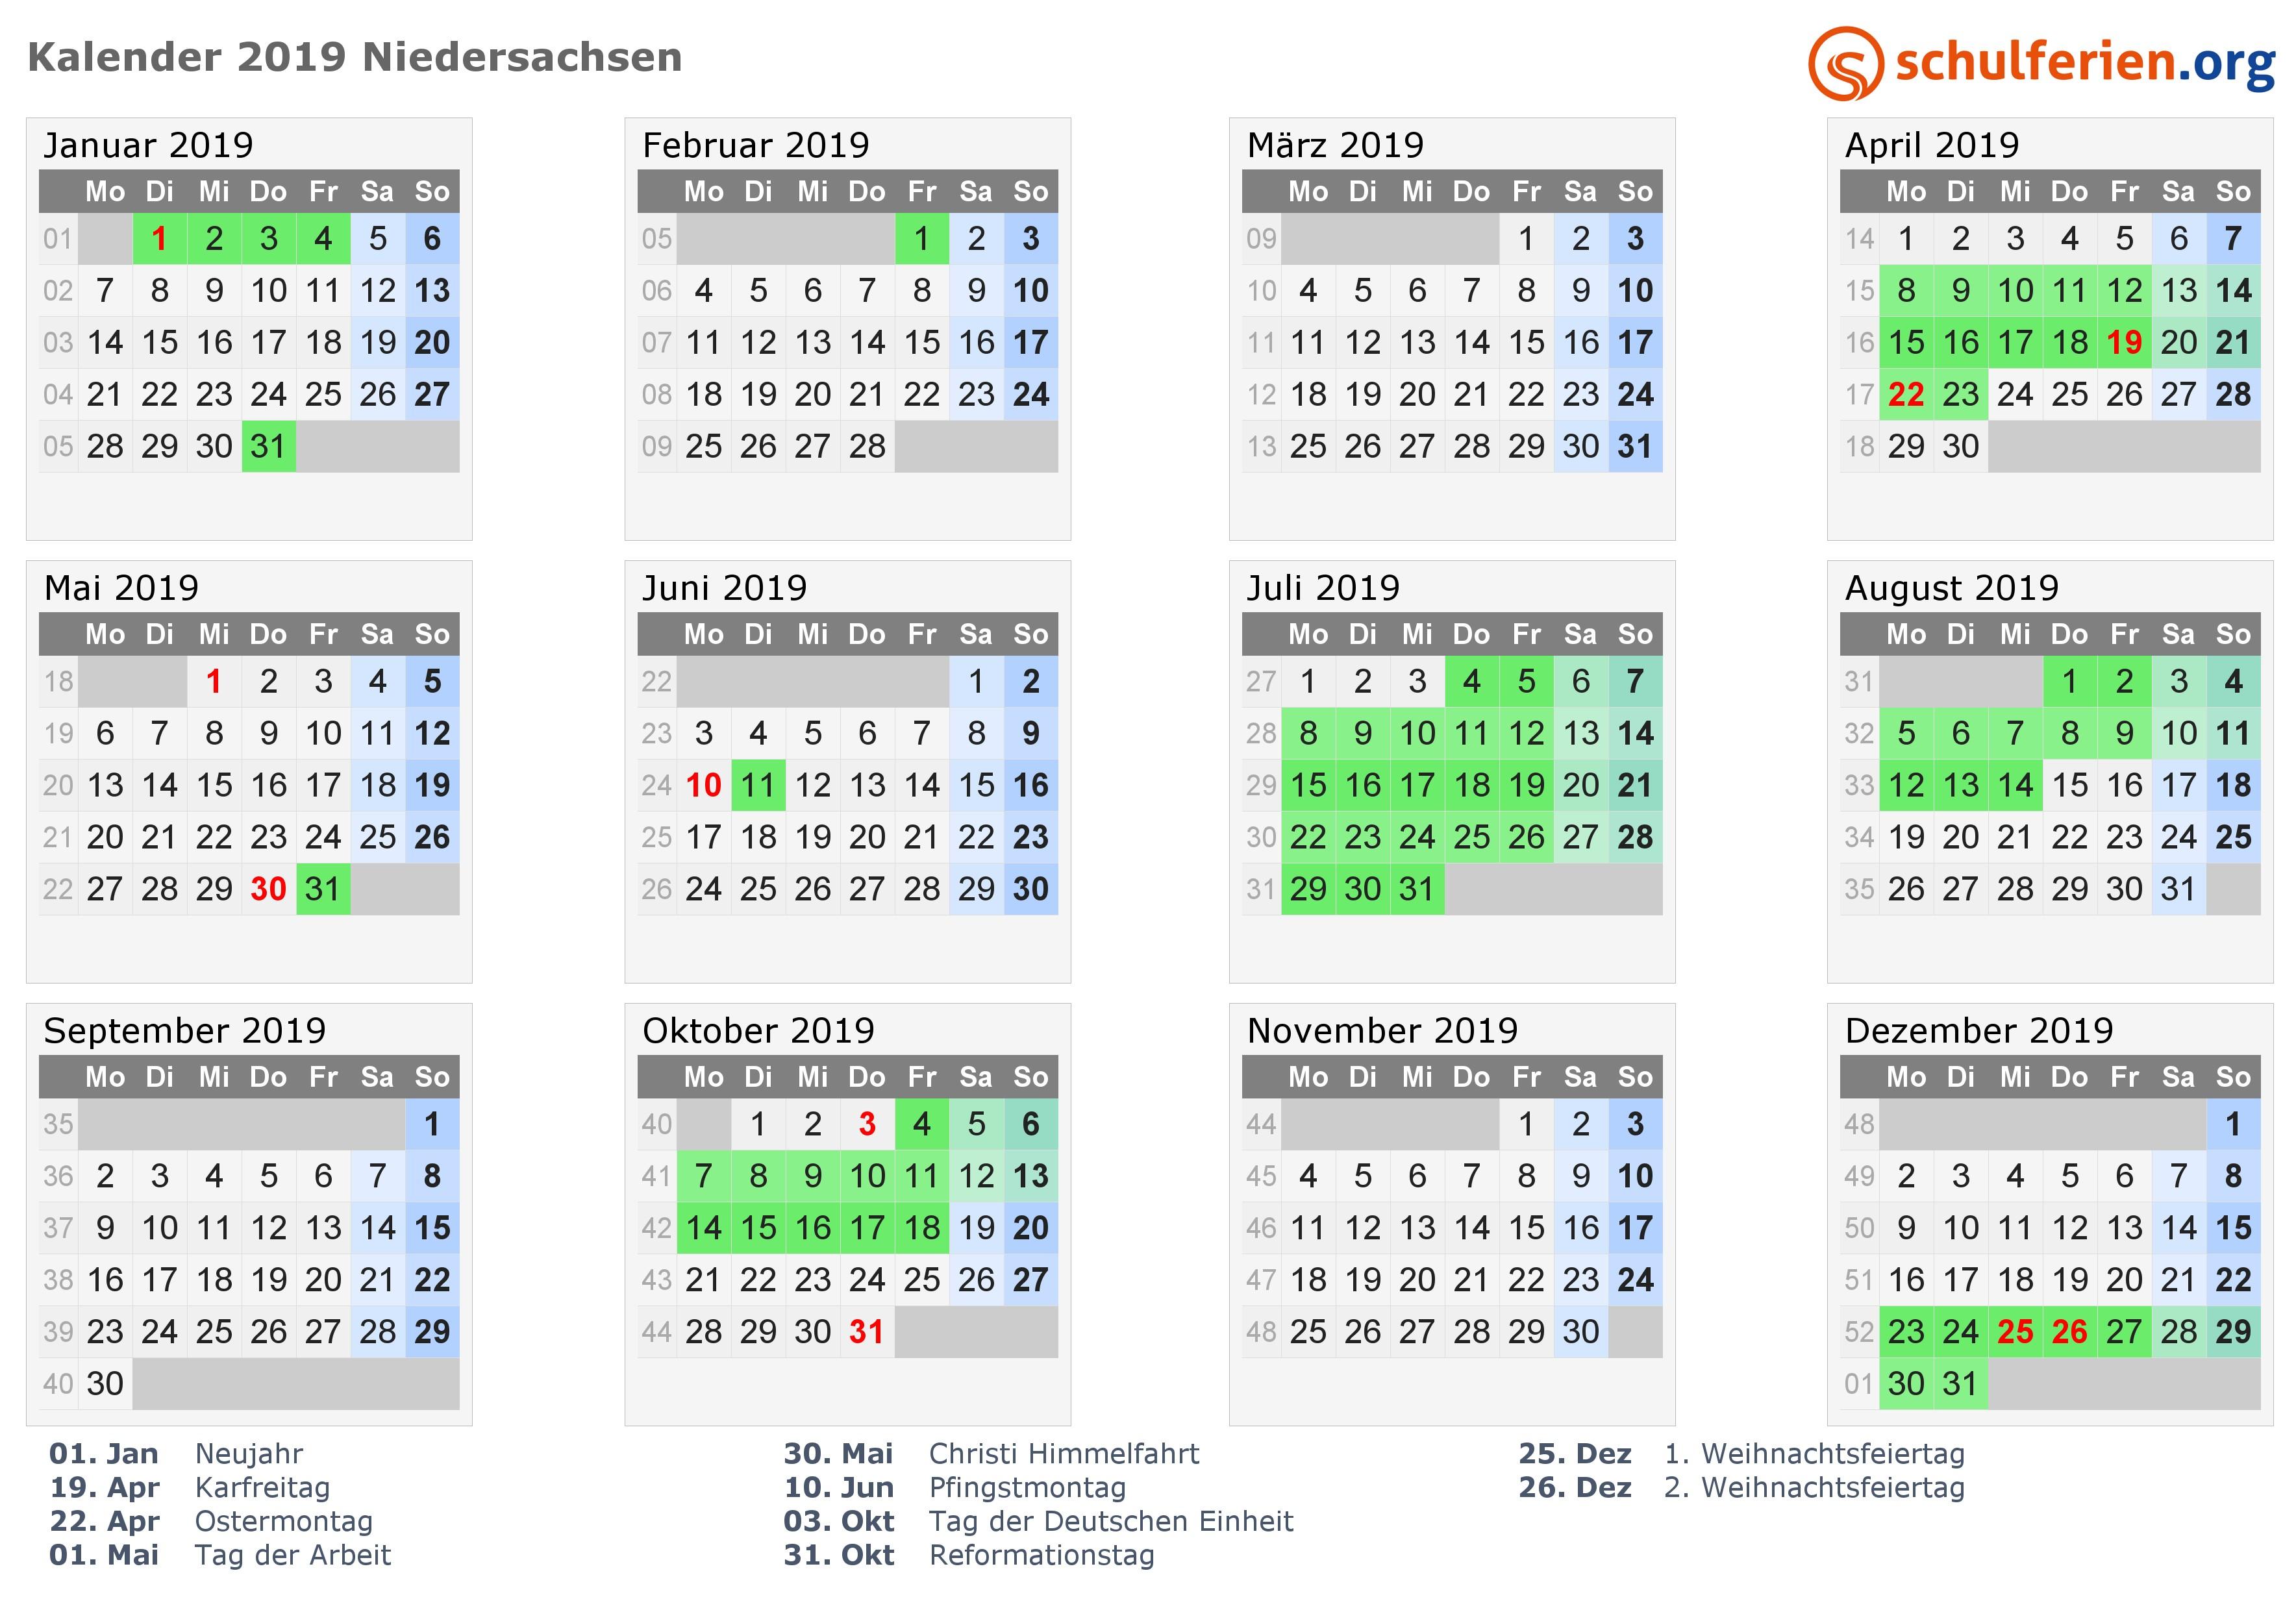 Kalender 2019 Excel Download Kostenlos Más Populares Kalender 2019 Ferien Niedersachsen Feiertage Of Kalender 2019 Excel Download Kostenlos Actual 59 Hervorragend Kalender Selbst Erstellen – Scene3